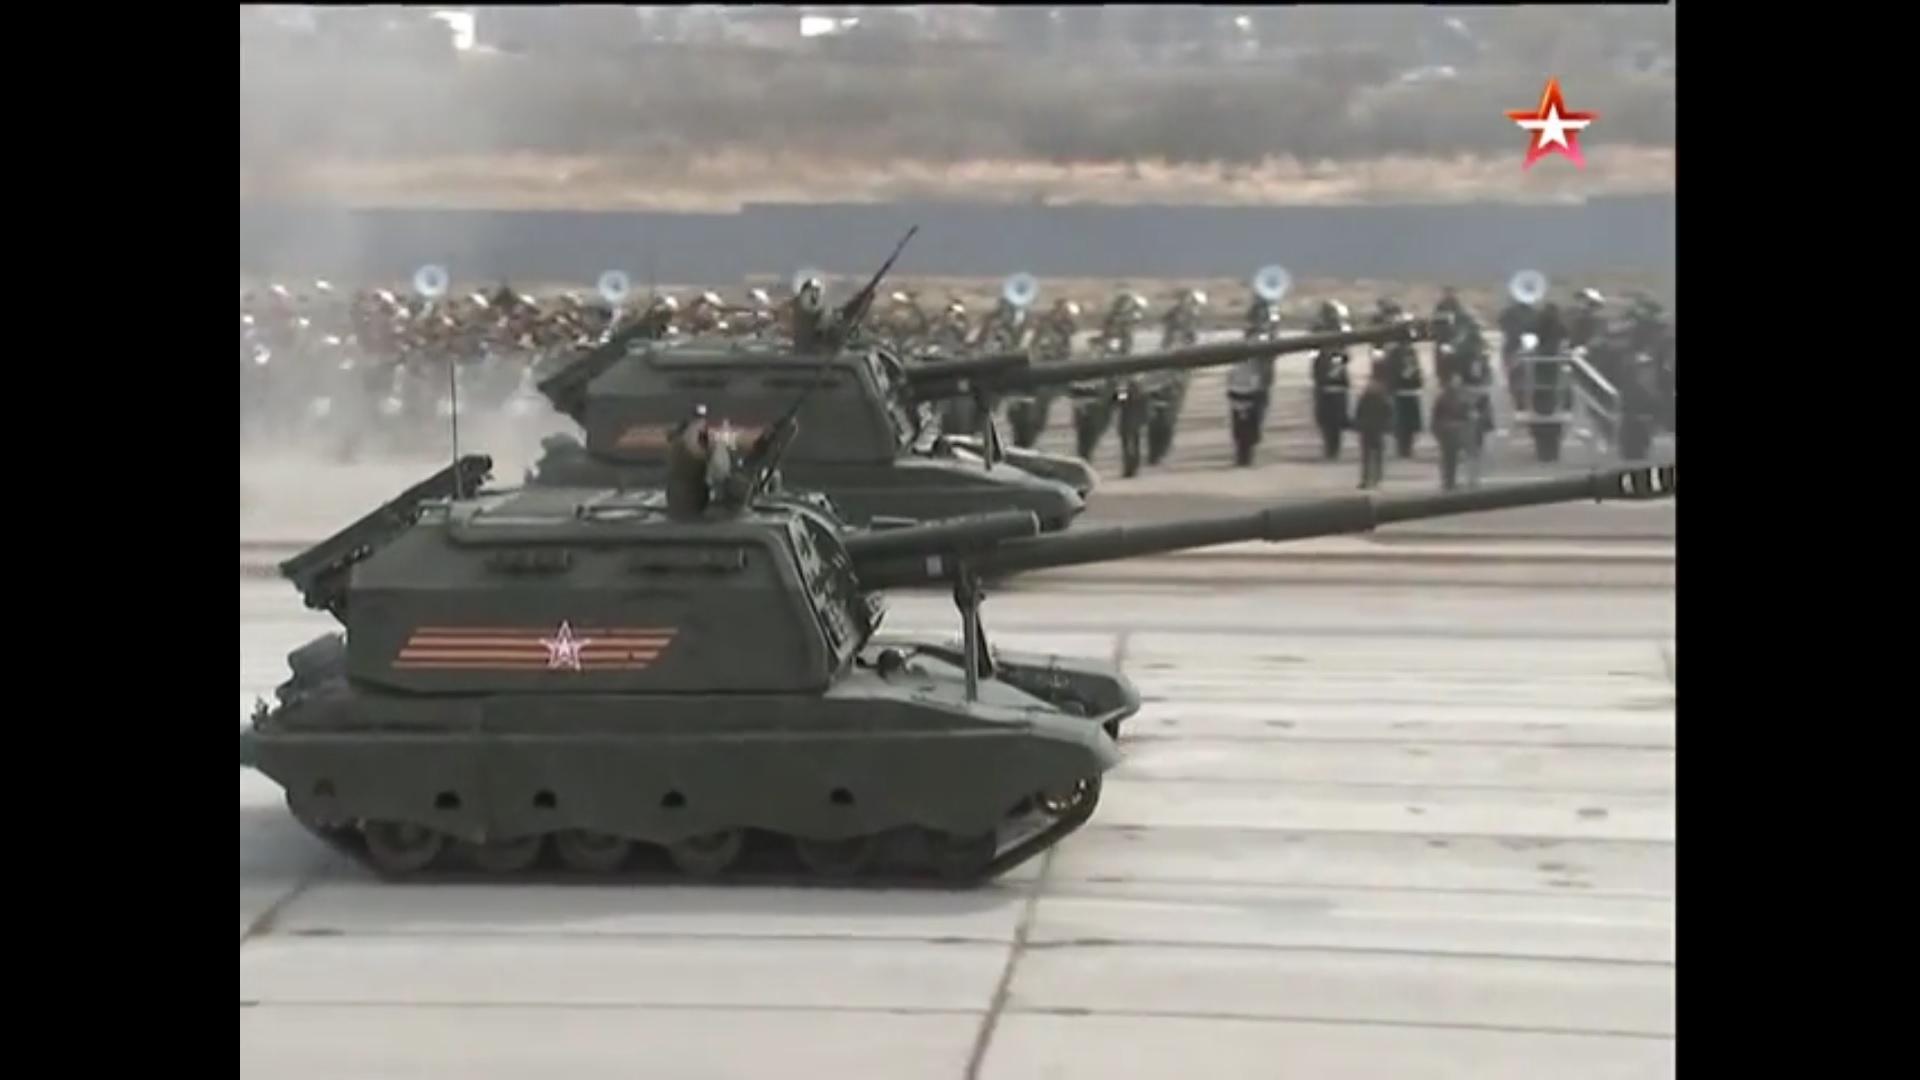 2S35 Koalitsiya-SV 152mm - Page 9 Qe2uenu7